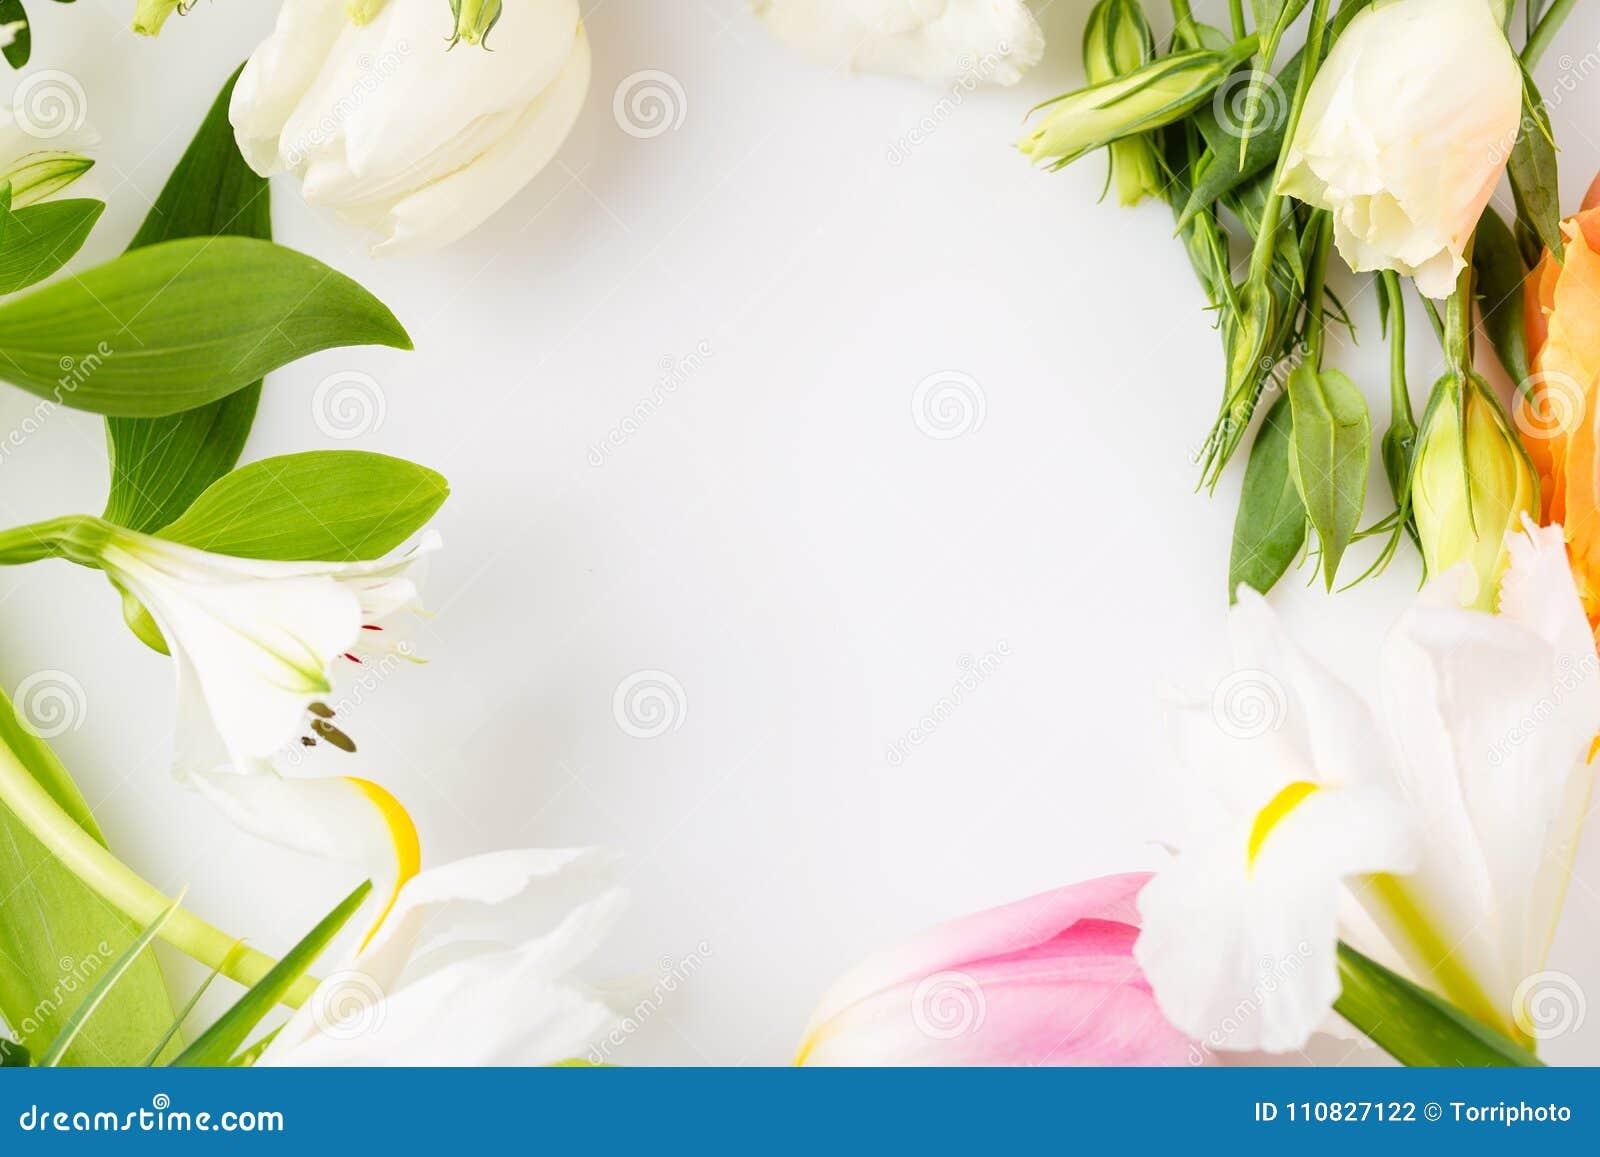 Fiori Con La C.Il Fiore Della Molla Ordinato Primo Piano Rasenta Il Fondo Bianco